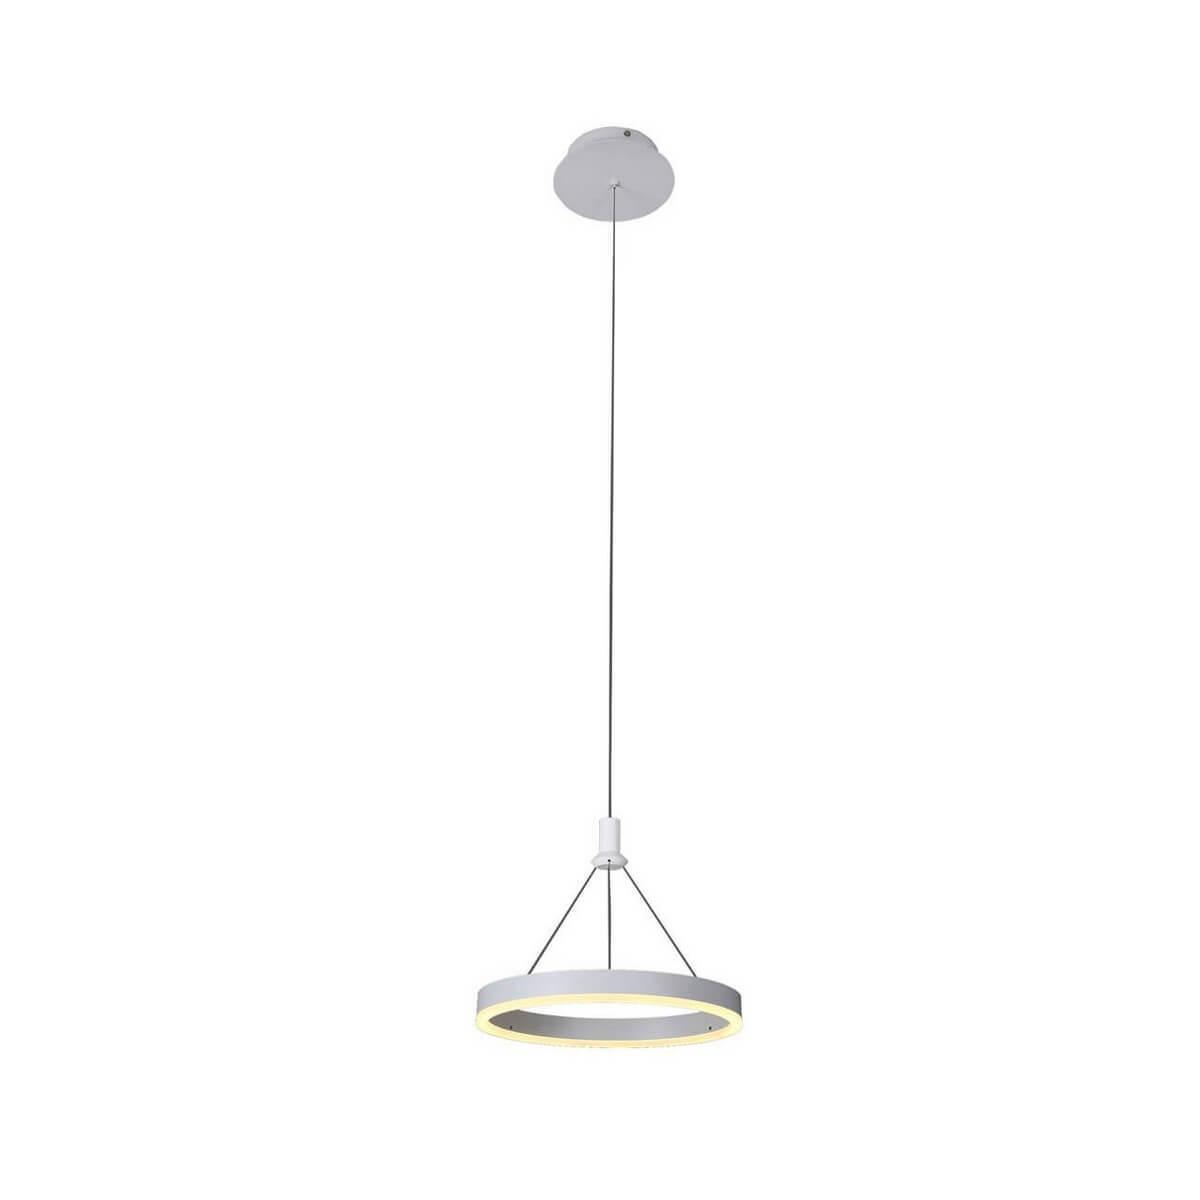 Подвесной светильник Kink Light 08205,01(4000K), LED, 18 Вт люстра kink light альтис kl 08665 16